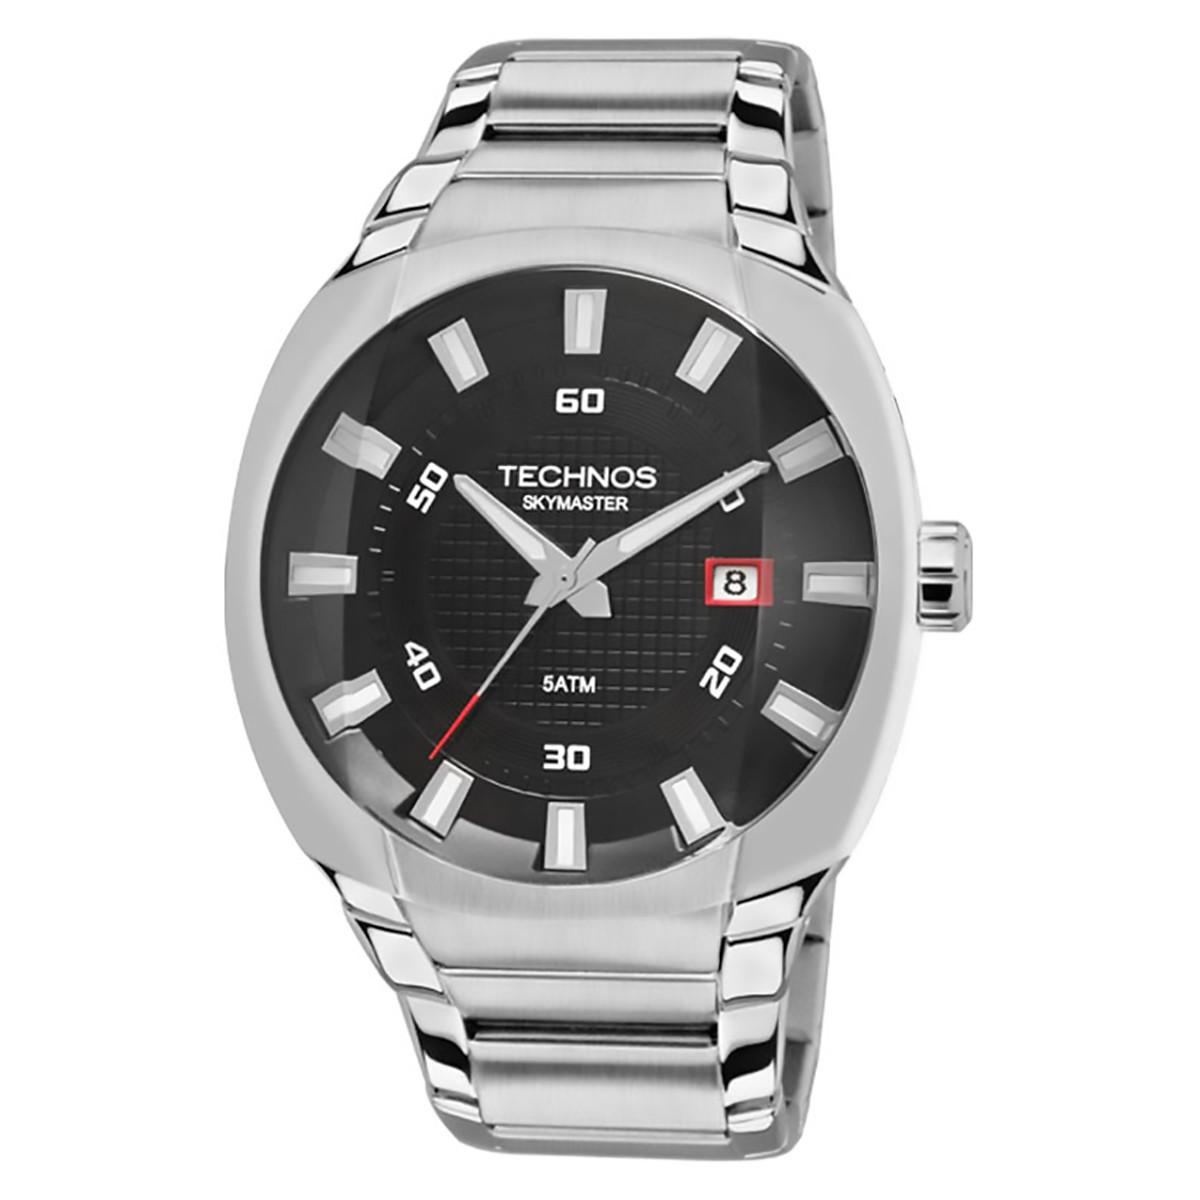 05a66c1cd35 Compre Relógio Technos Performance Skymaster em 10X